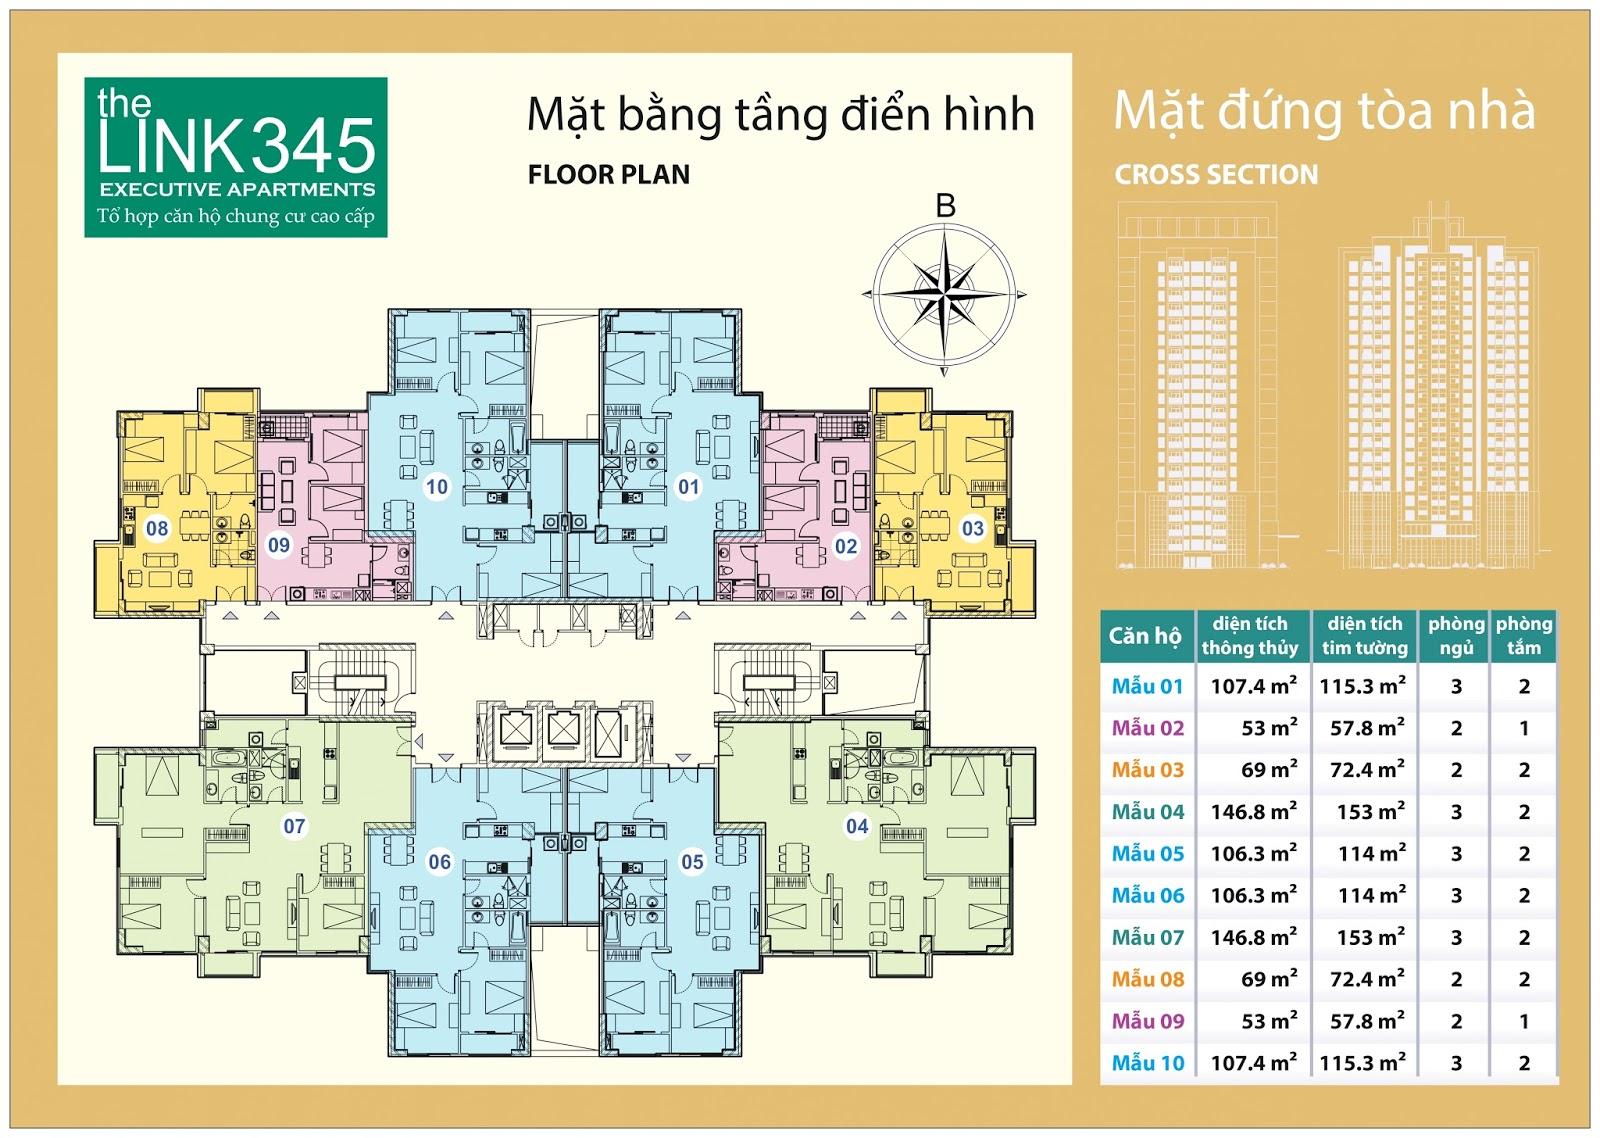 Mặt bằng căn hộ The Link 345